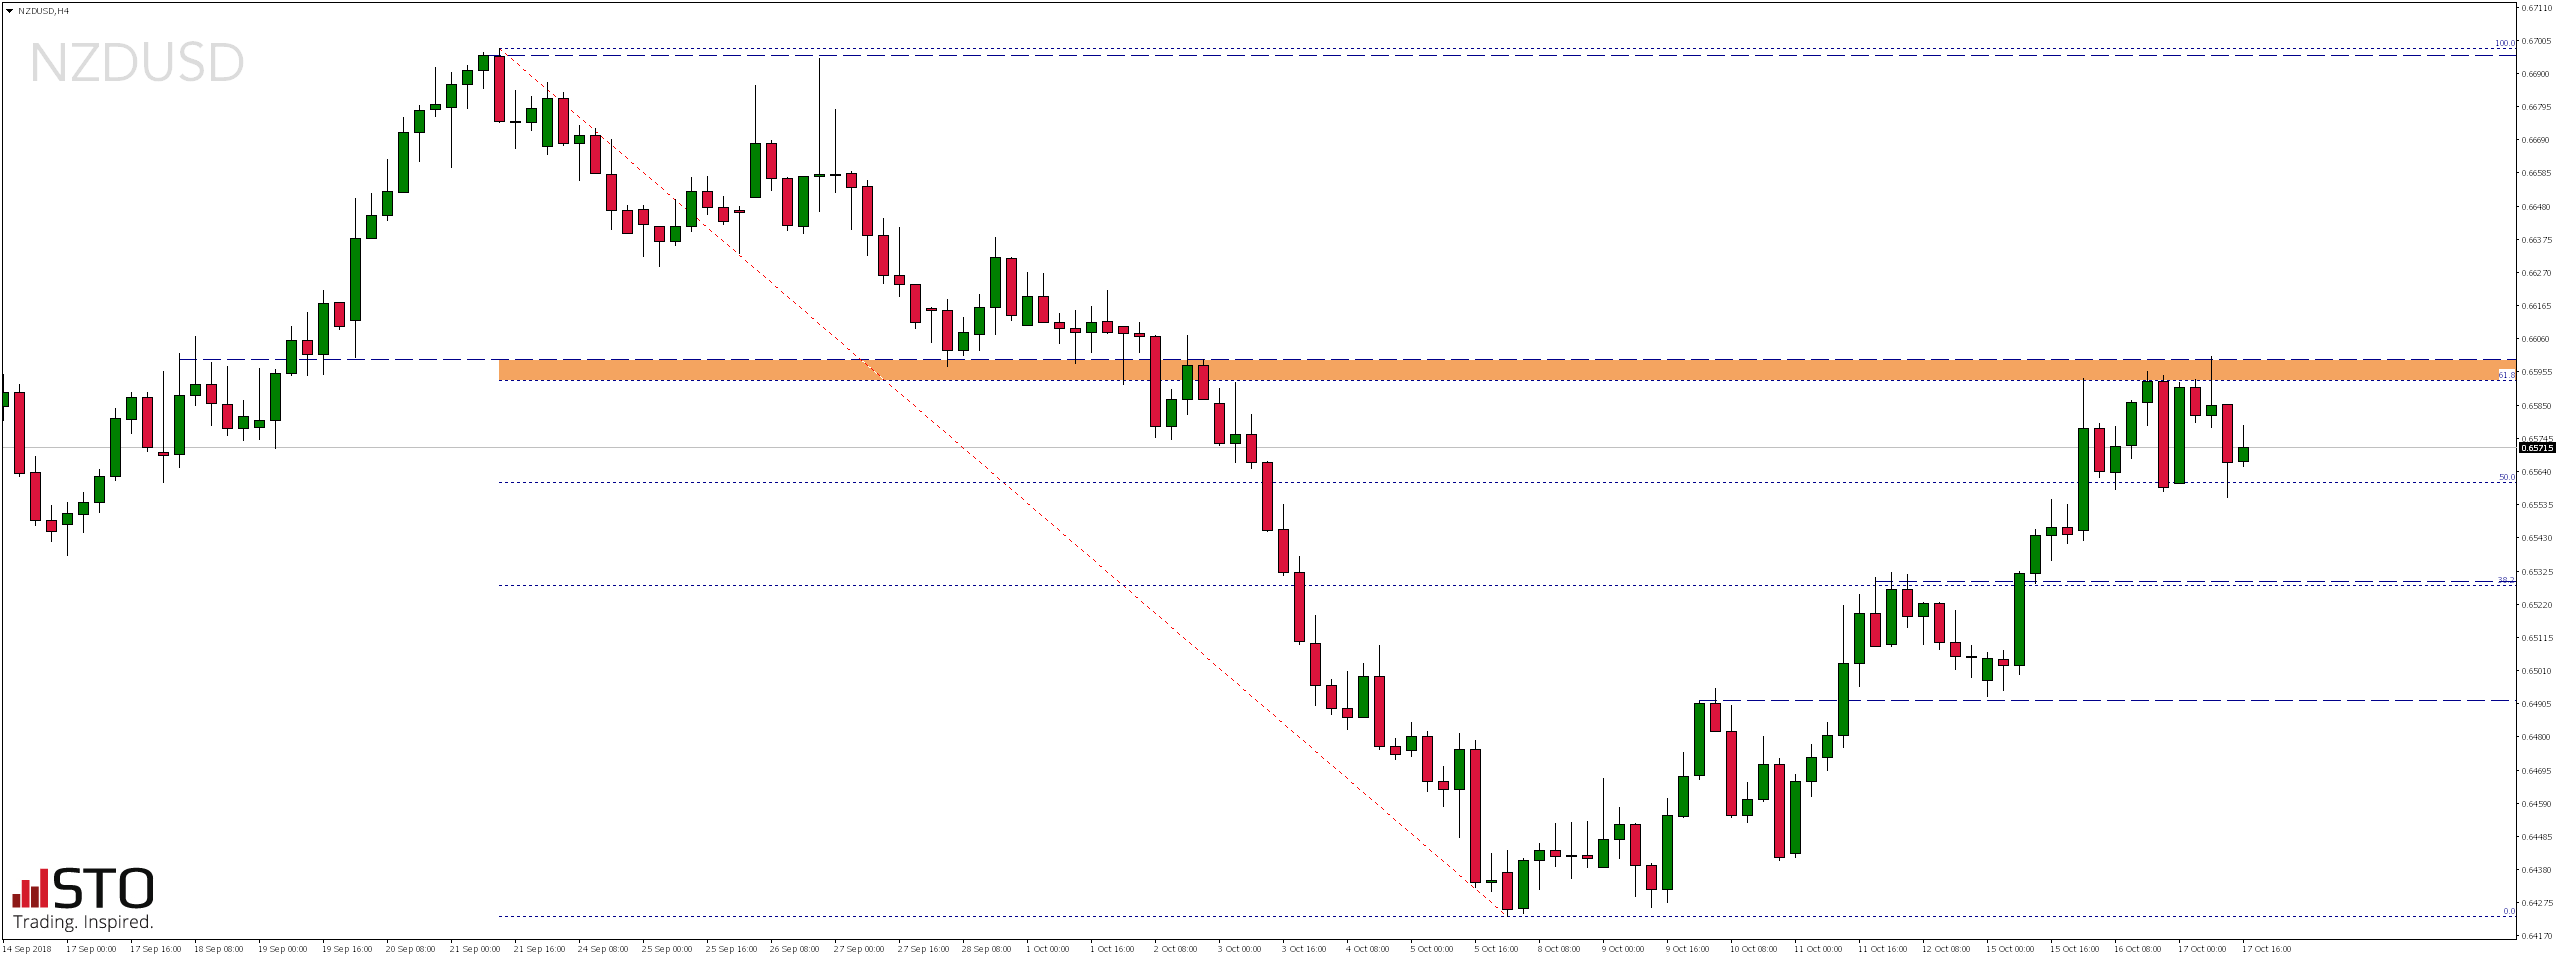 Środowy przegląd rynków - NZDUSD